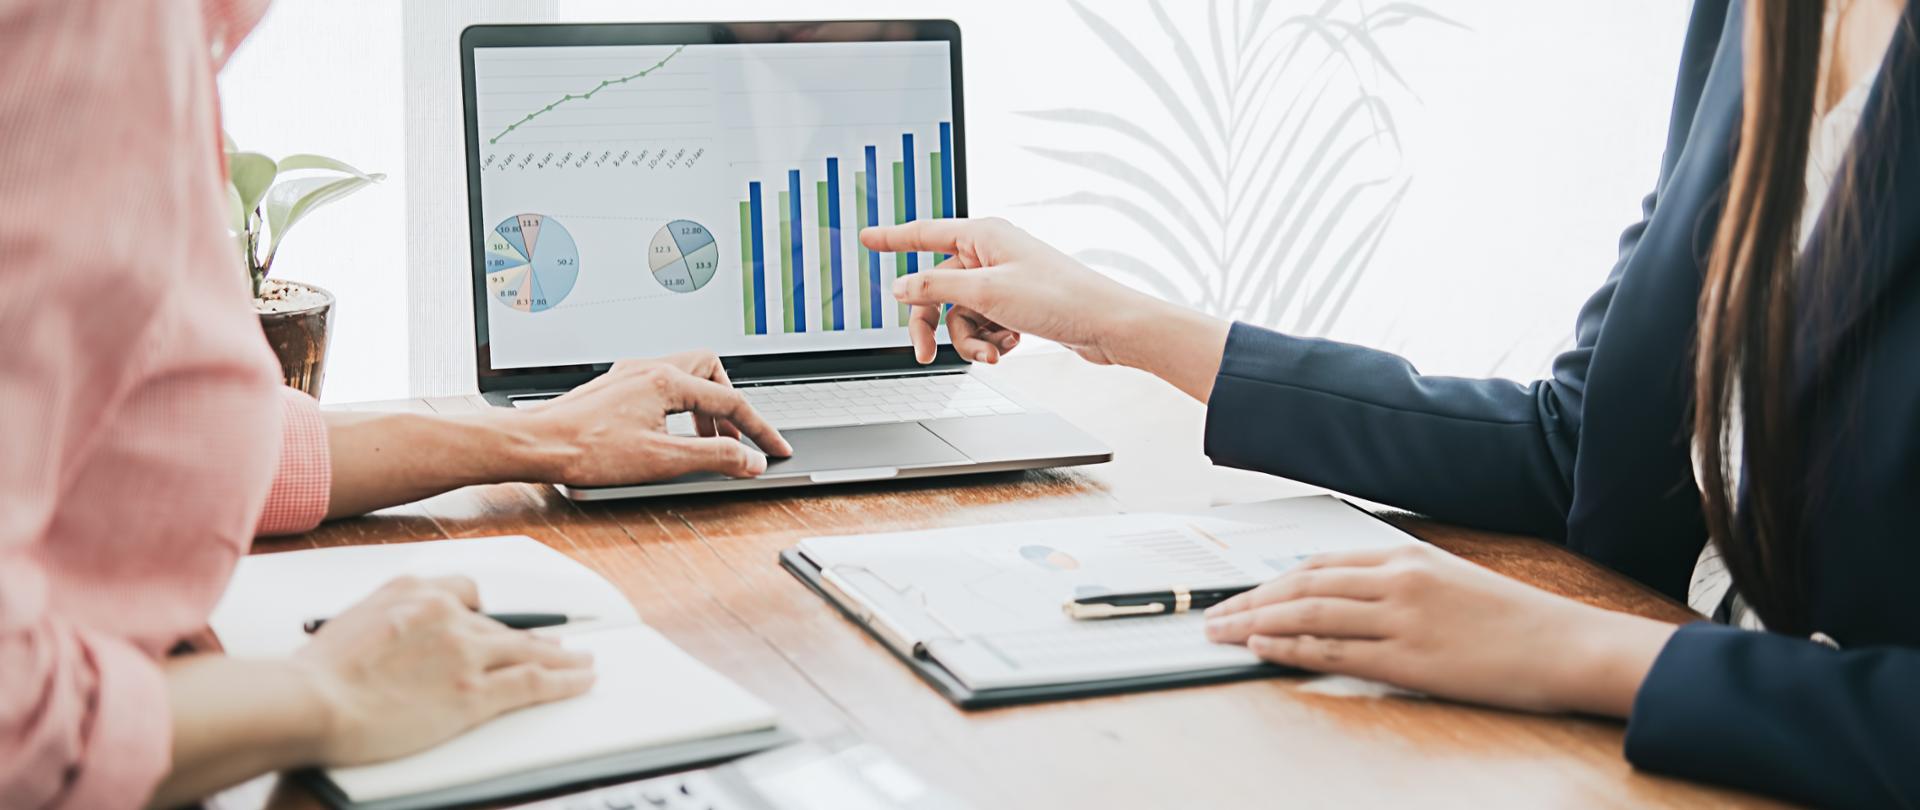 Dwie osoby rozmawiają na temat księgowania środków finansowych, w tym jedna wskazuje na ekran laptopa gdzie widoczny jest wykres